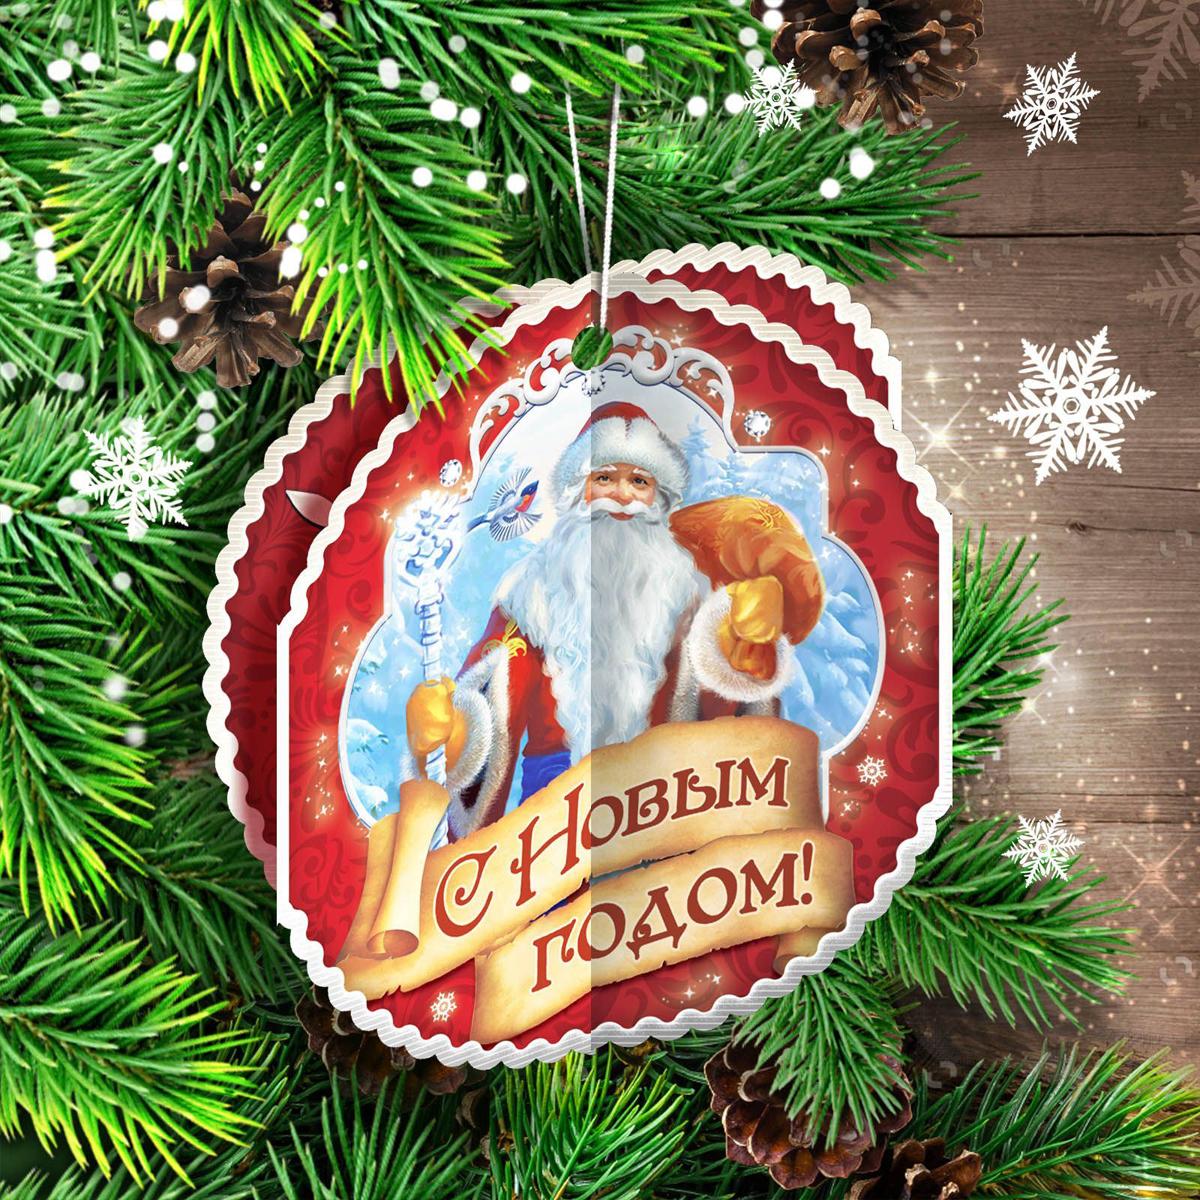 Новогоднее подвесное украшение Sima-land С Новым годом, 7,3 х 8 см1344821Новогоднее украшение Sima-land отлично подойдет для декорации вашего дома и новогодней ели.Елочная игрушка - символ Нового года. Она несет в себе волшебство и красоту праздника. Такое украшение создаст в вашем доме атмосферу праздника, веселья и радости.